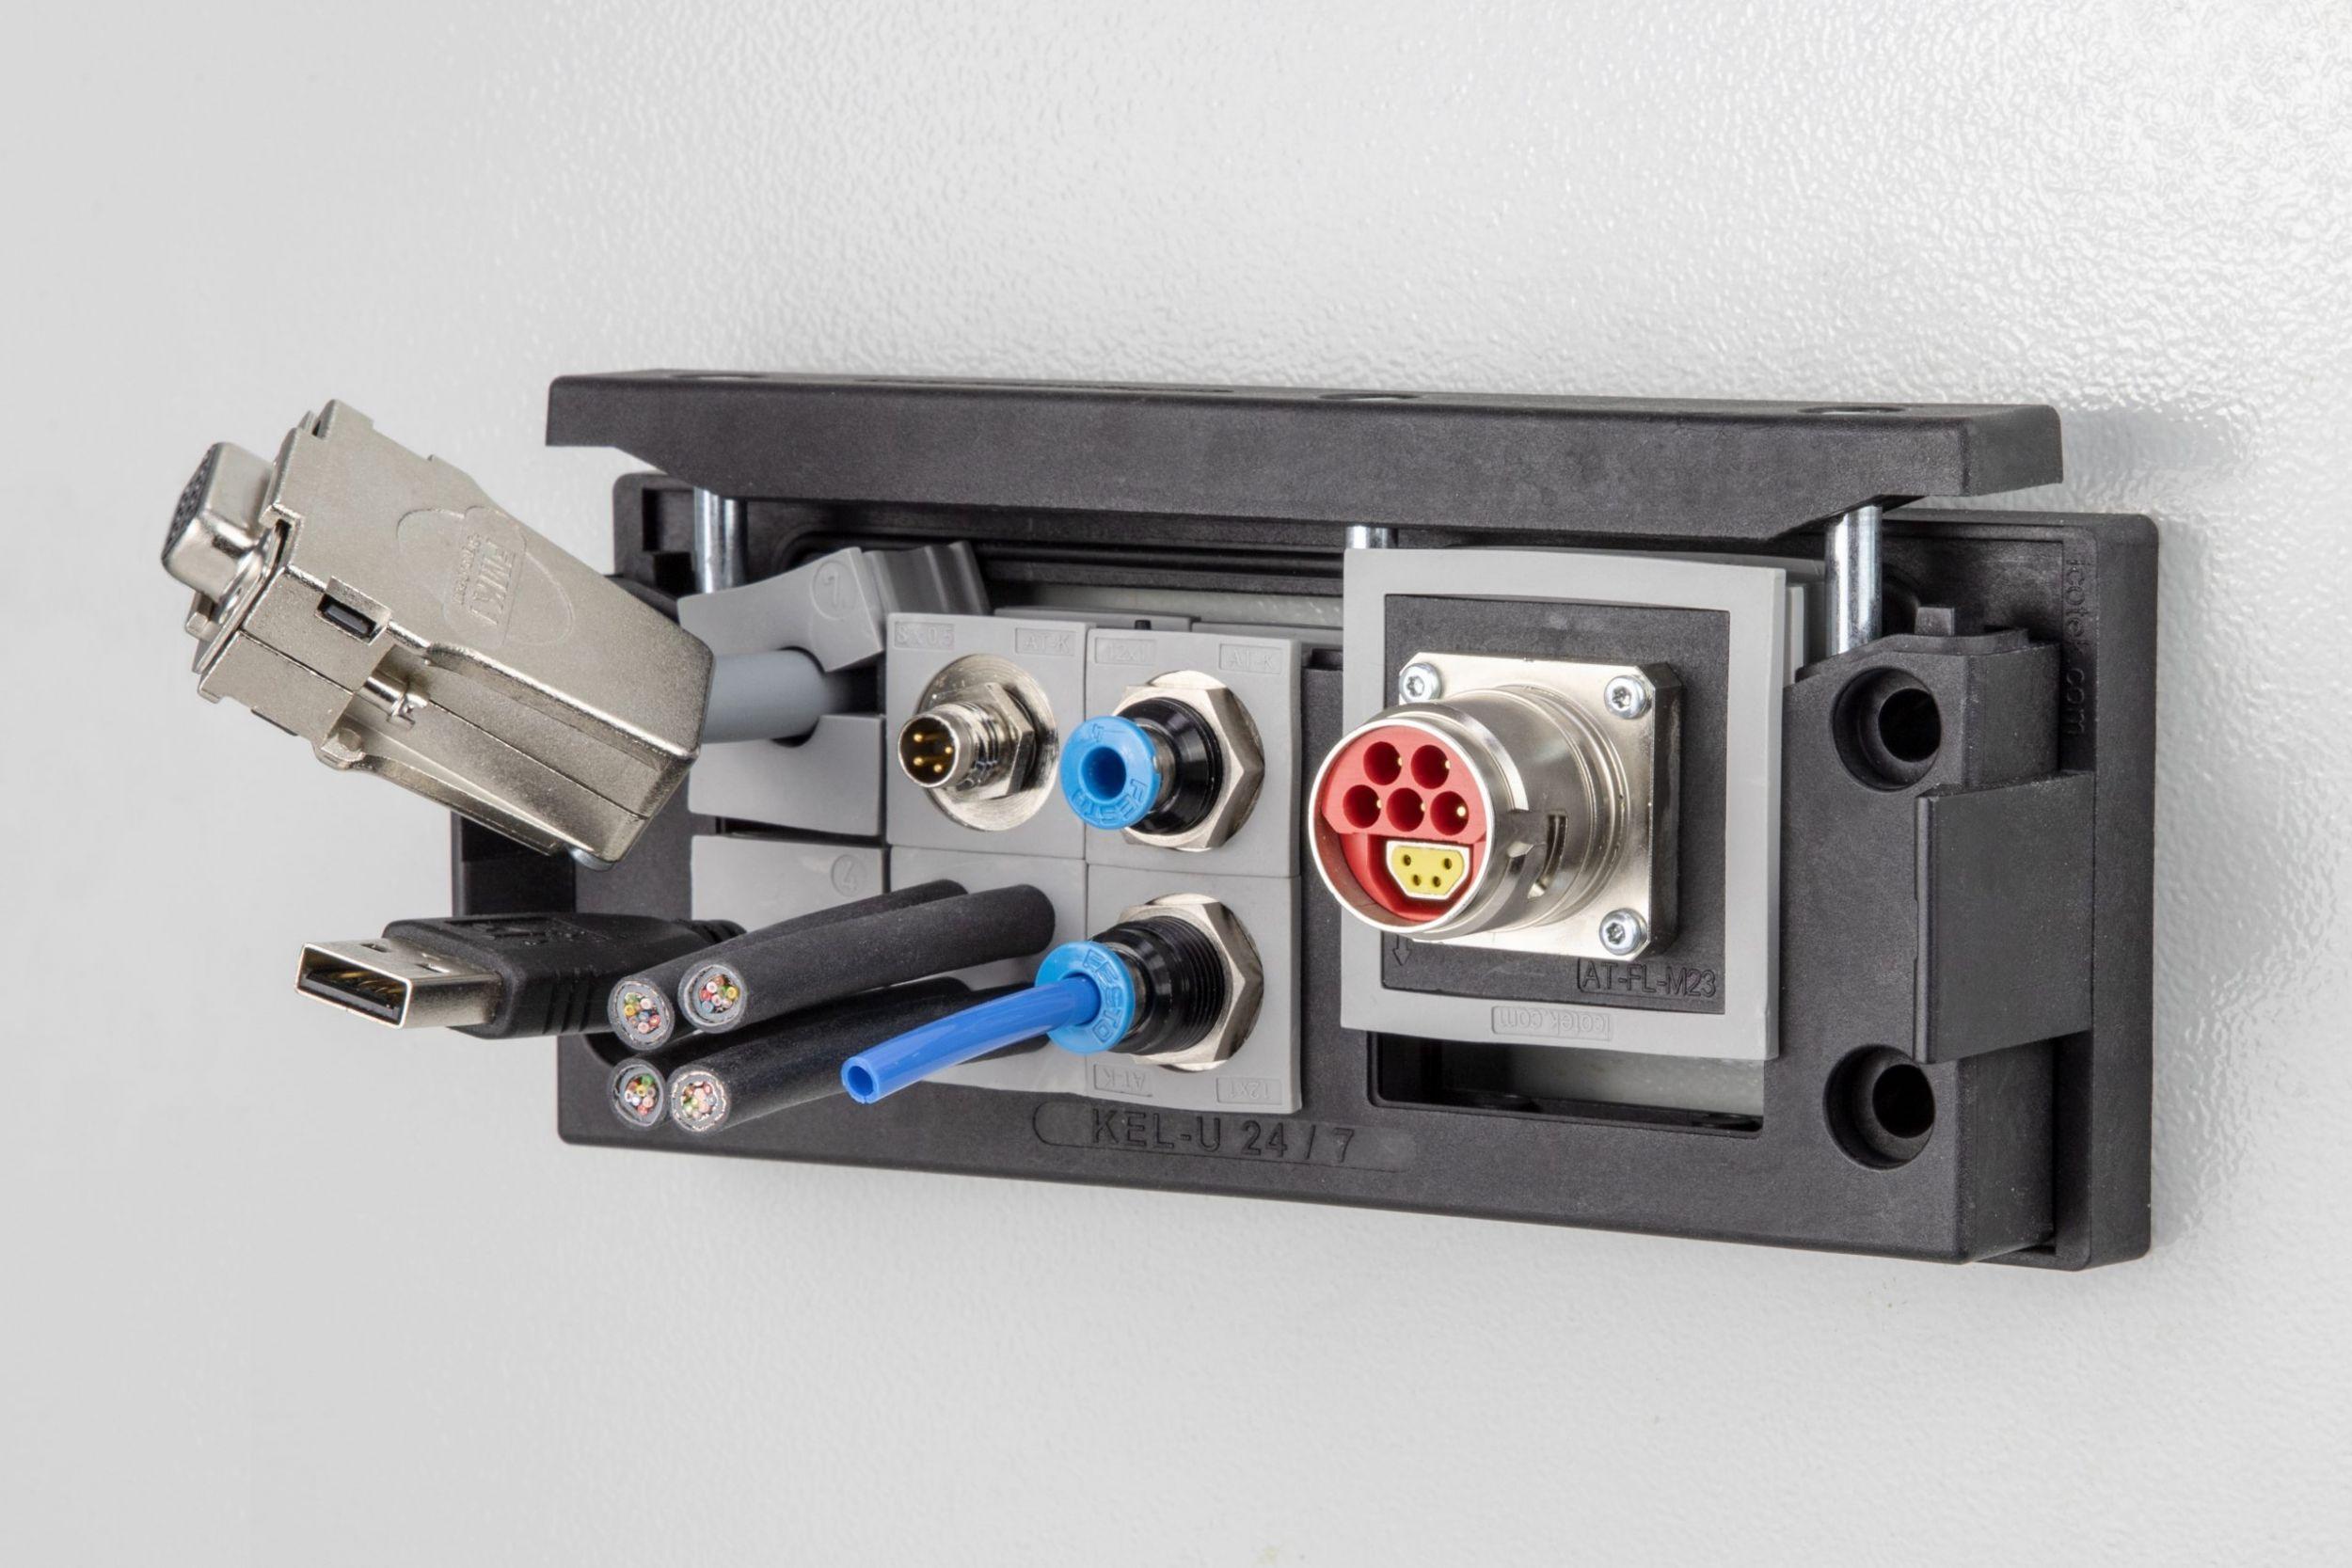 Neue Adaptertüllen als Schnittstelle für Vierkantflansch Steckverbinder